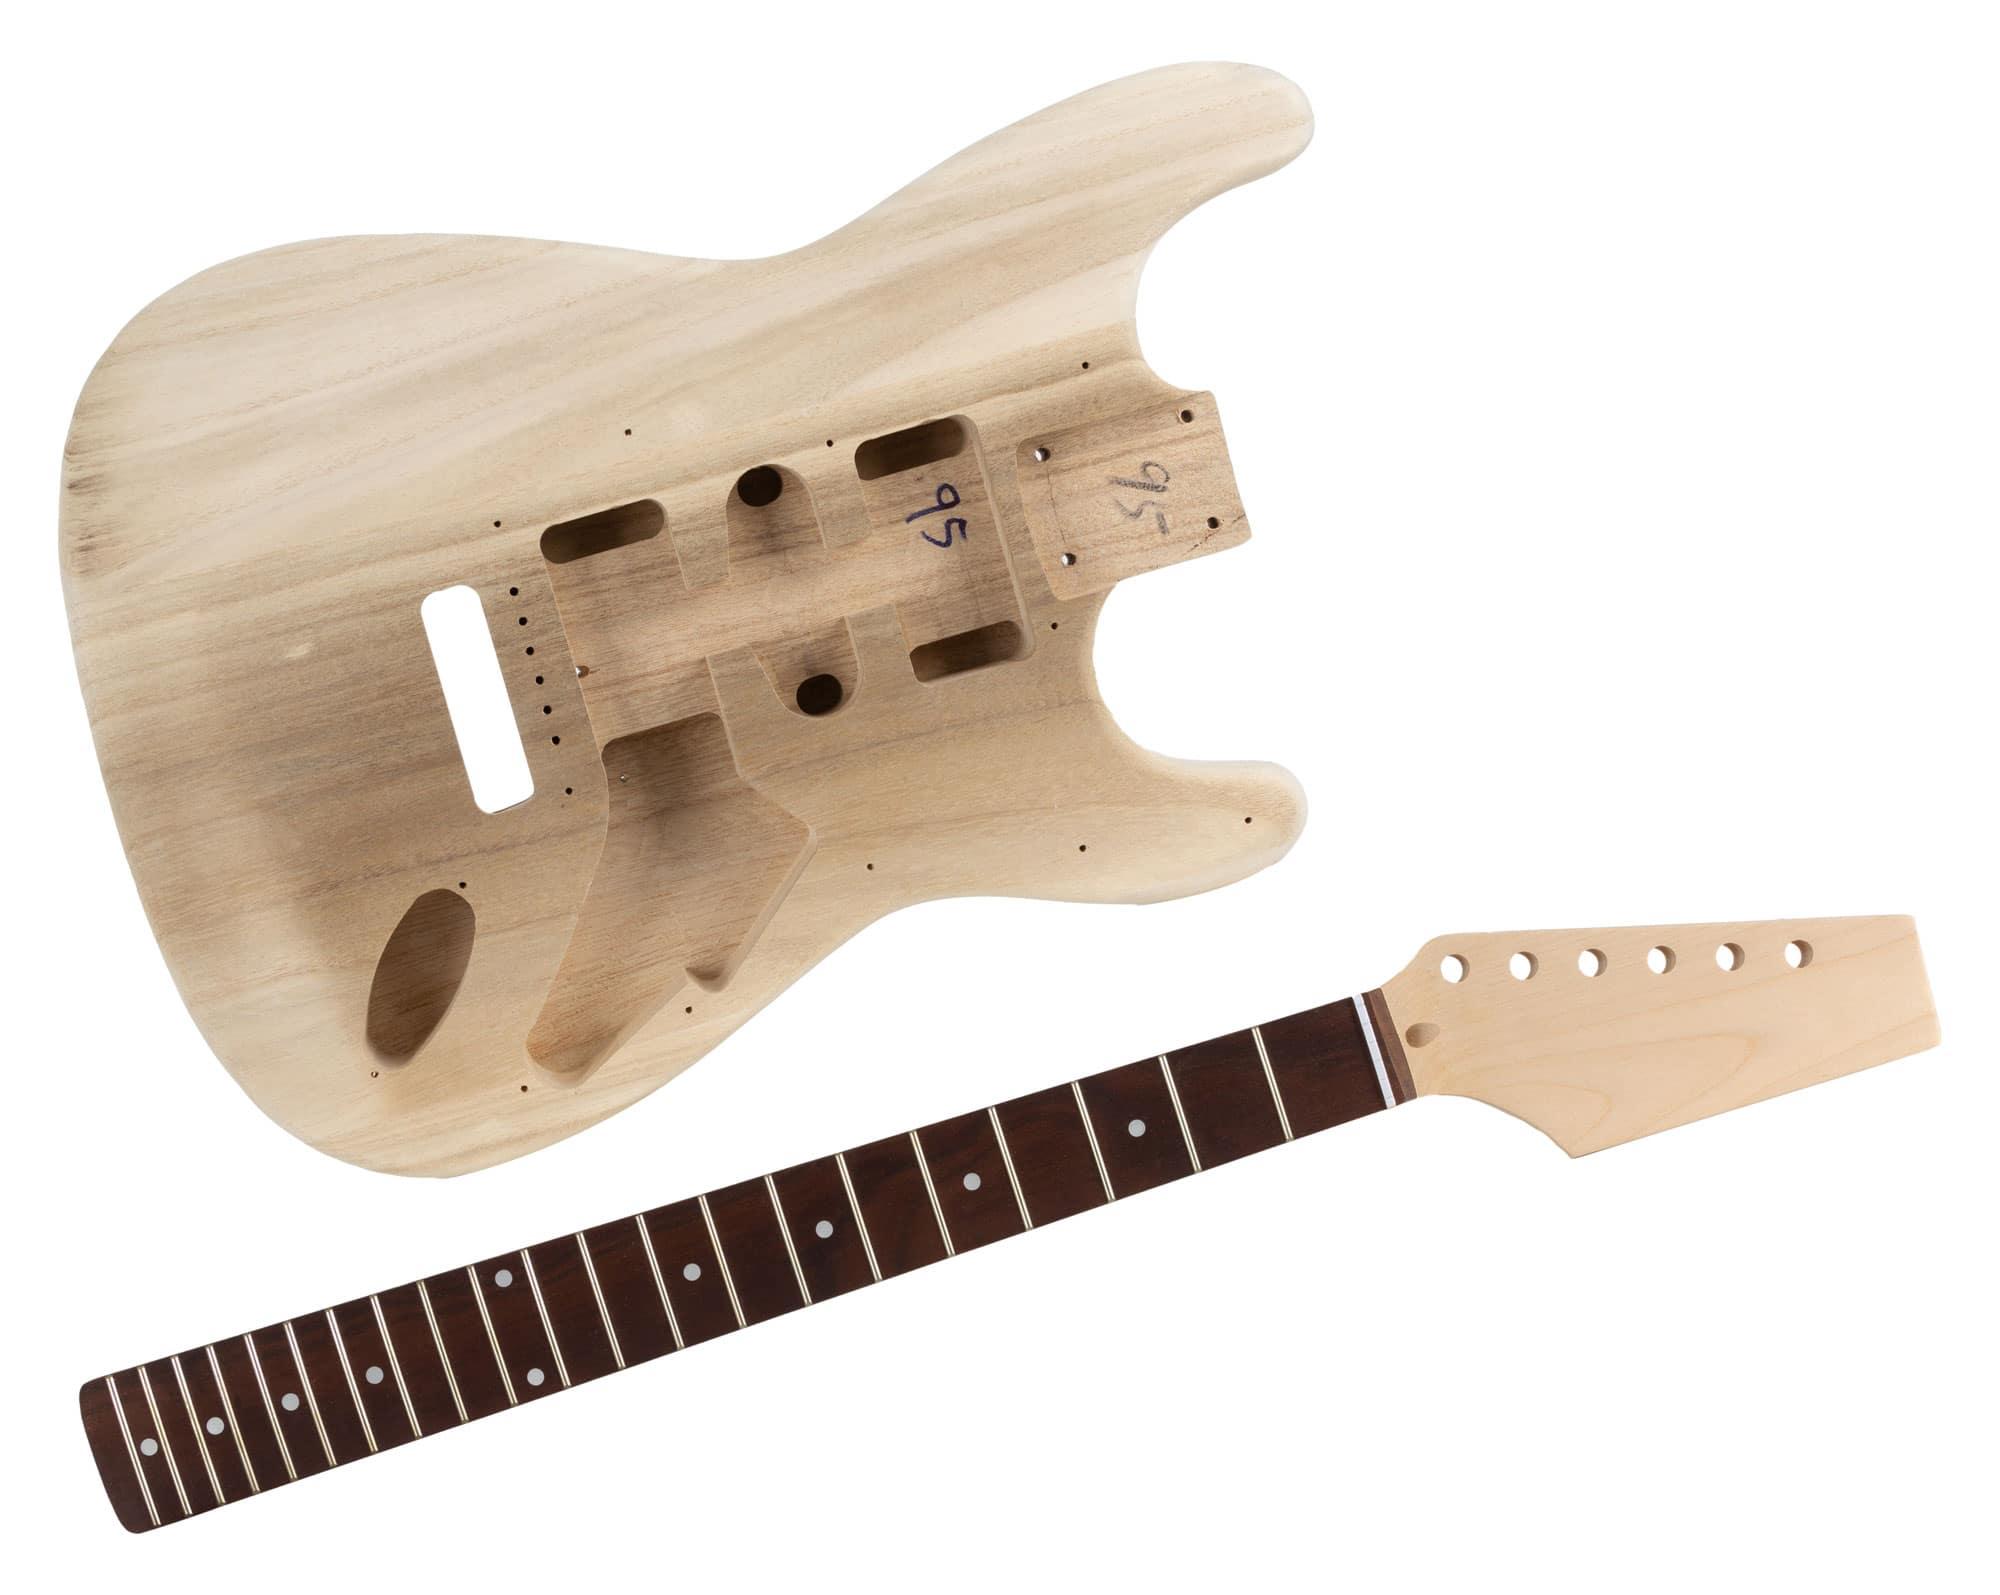 rocktile electric guitar kit st style. Black Bedroom Furniture Sets. Home Design Ideas